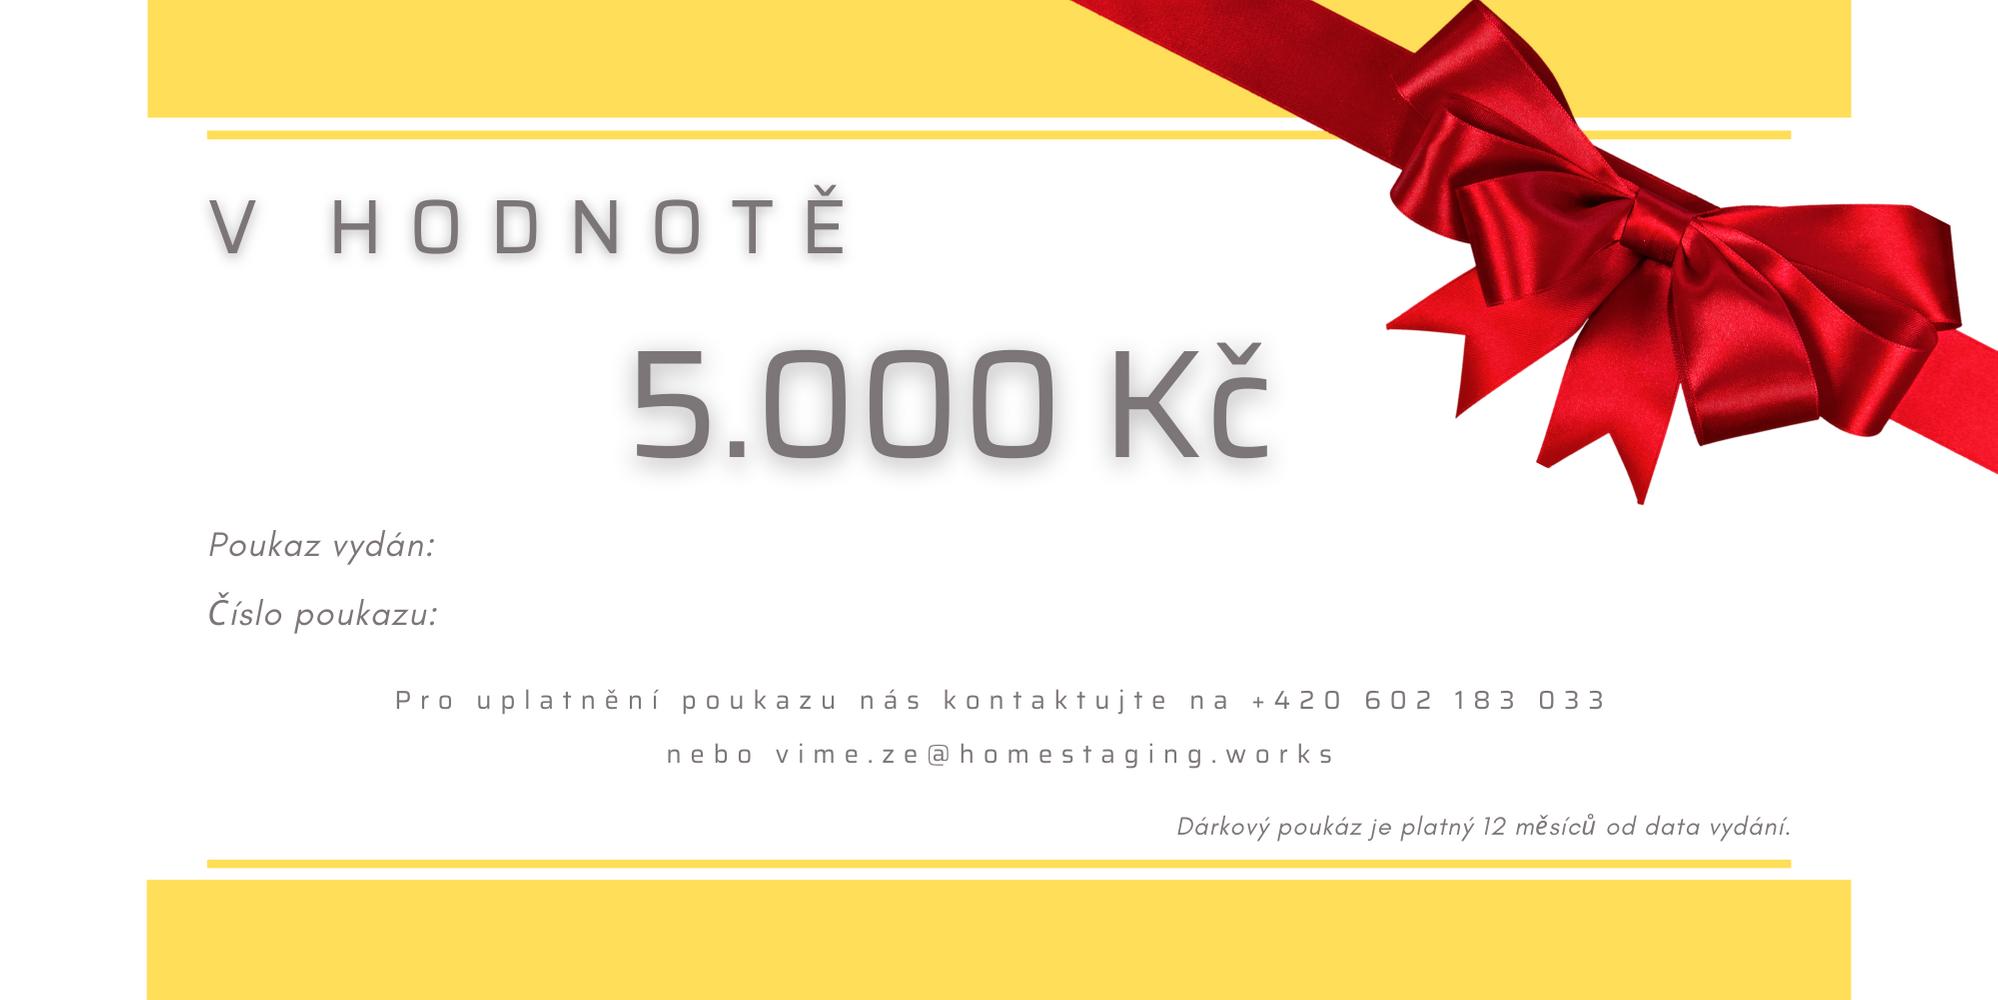 Dárkový poukaz 5.000 Kč